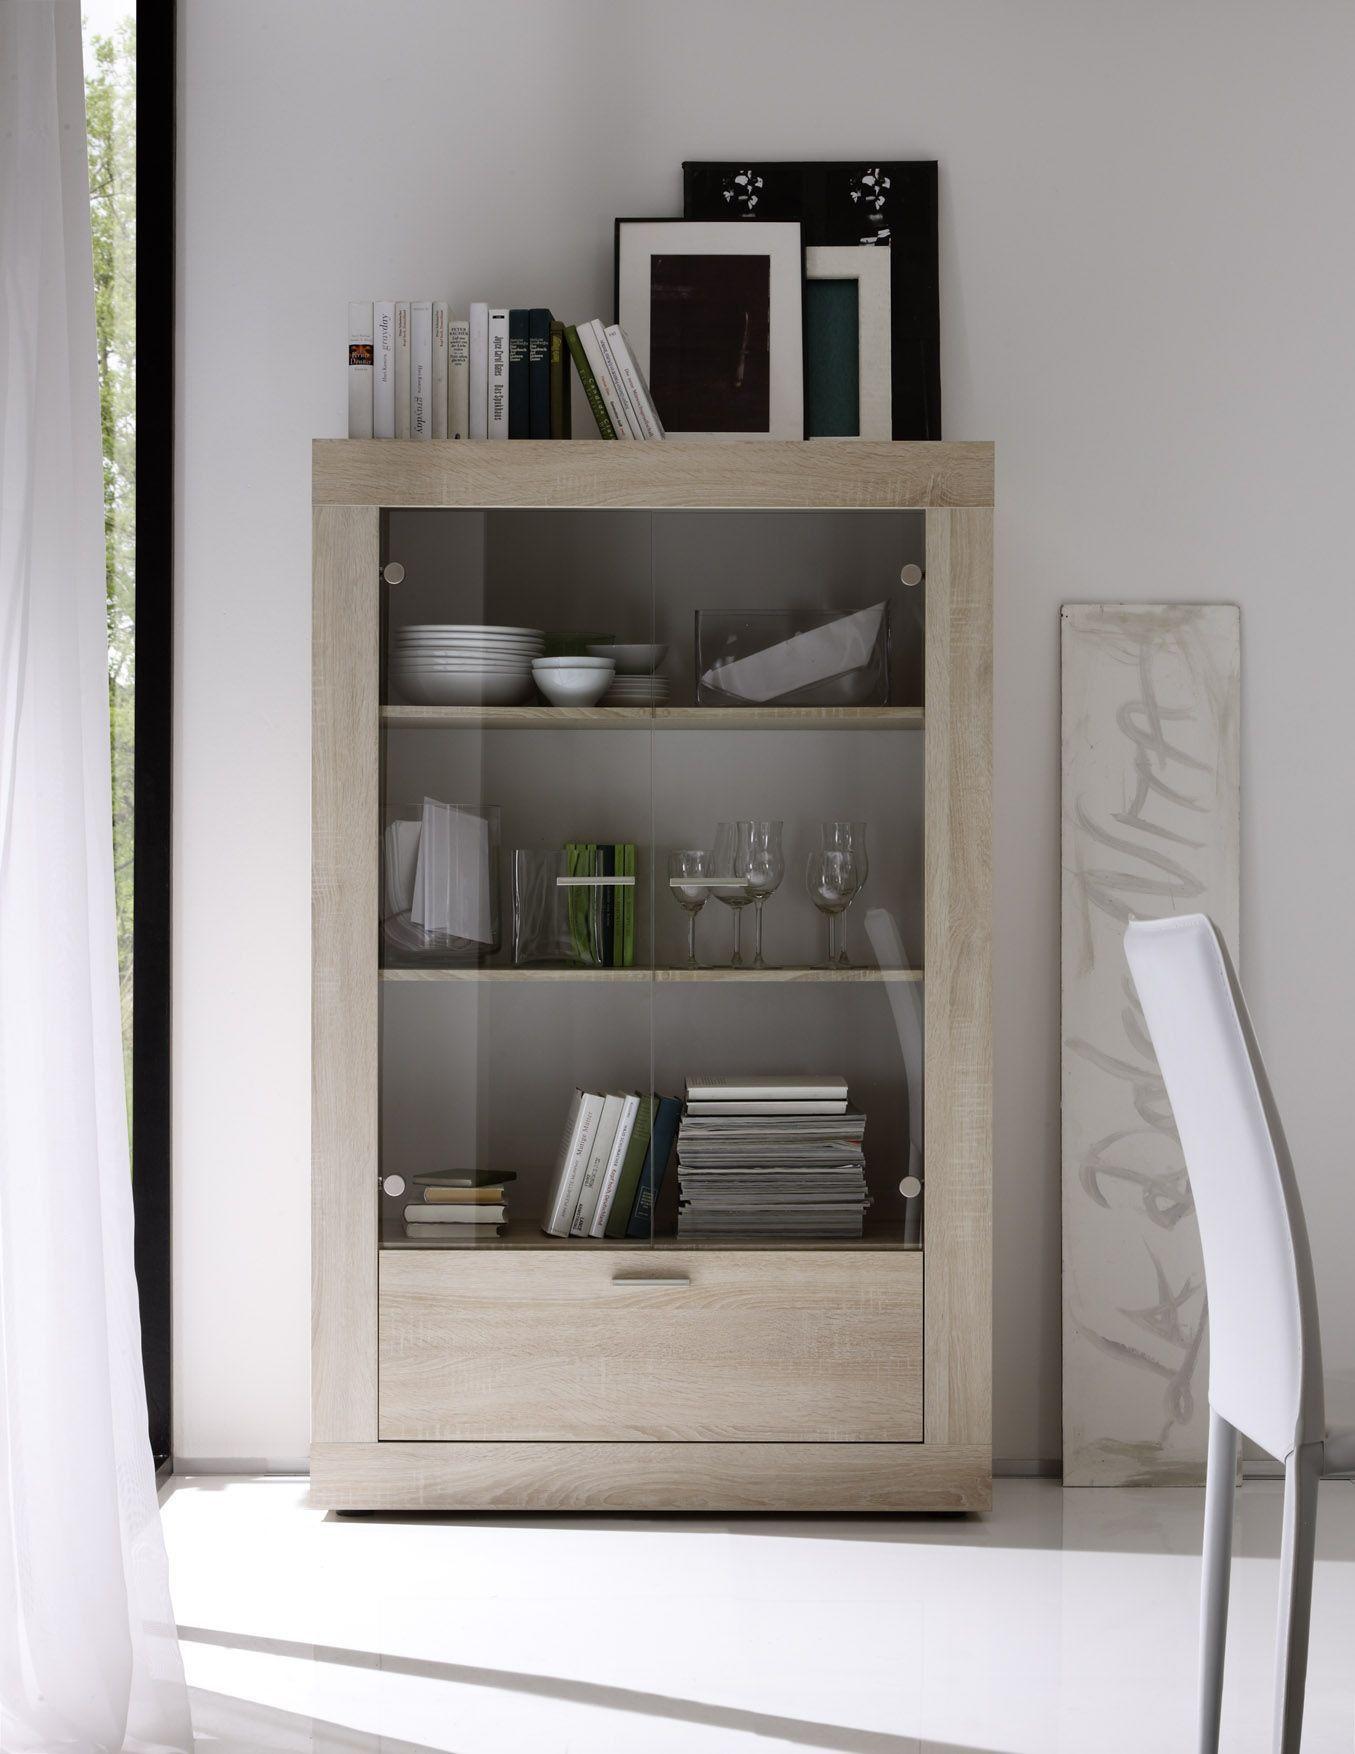 Vetrina Rustica in 2018 | For the Home | Pinterest | Arredamento ...